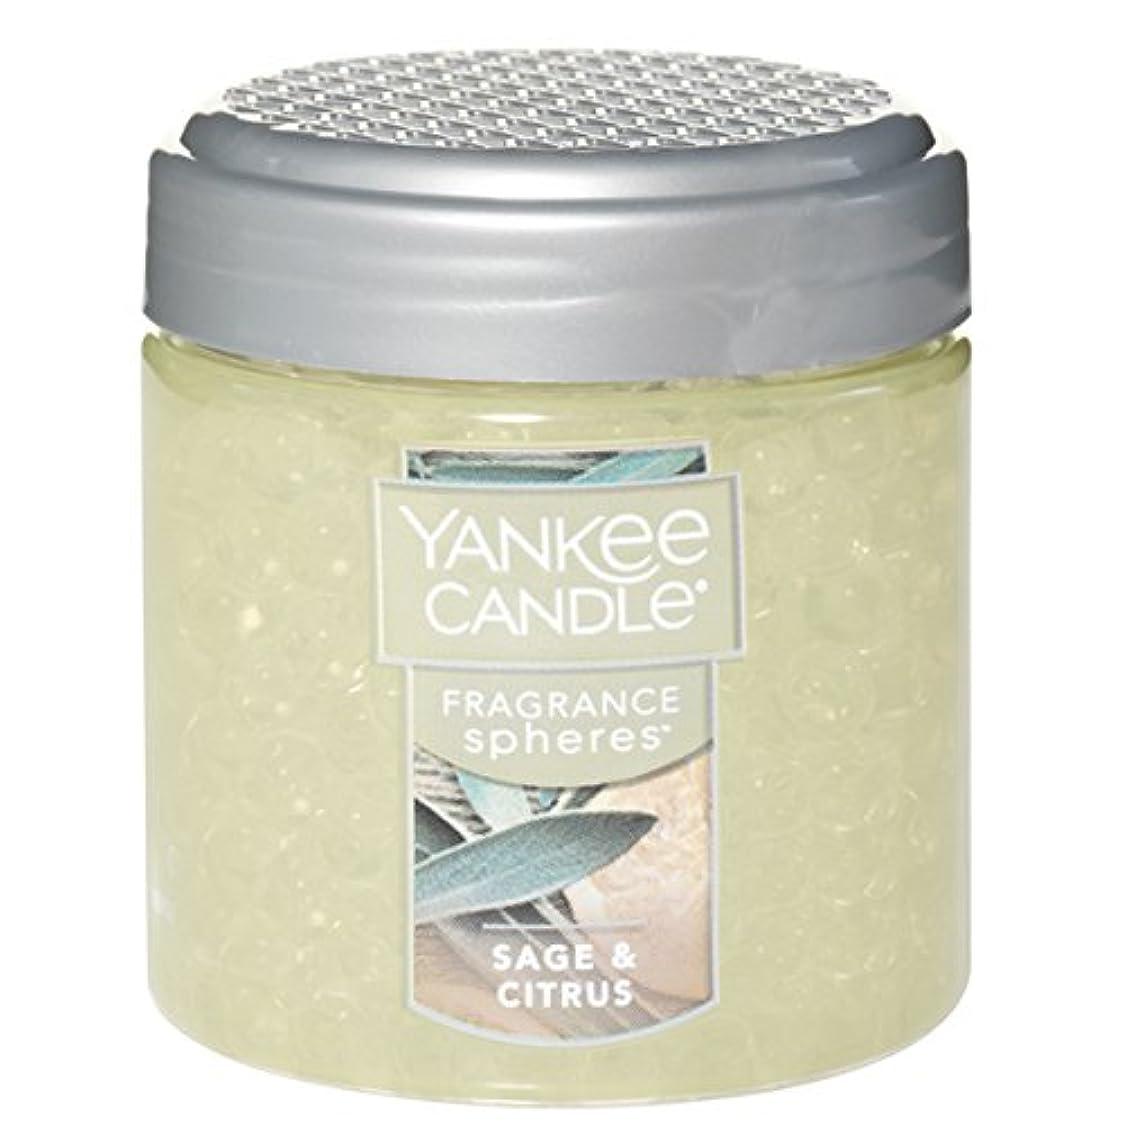 休眠補うつづりYANKEE CANDLE ヤンキーキャンドル フレグランスビーズ セージシトラス(お部屋の芳香剤)